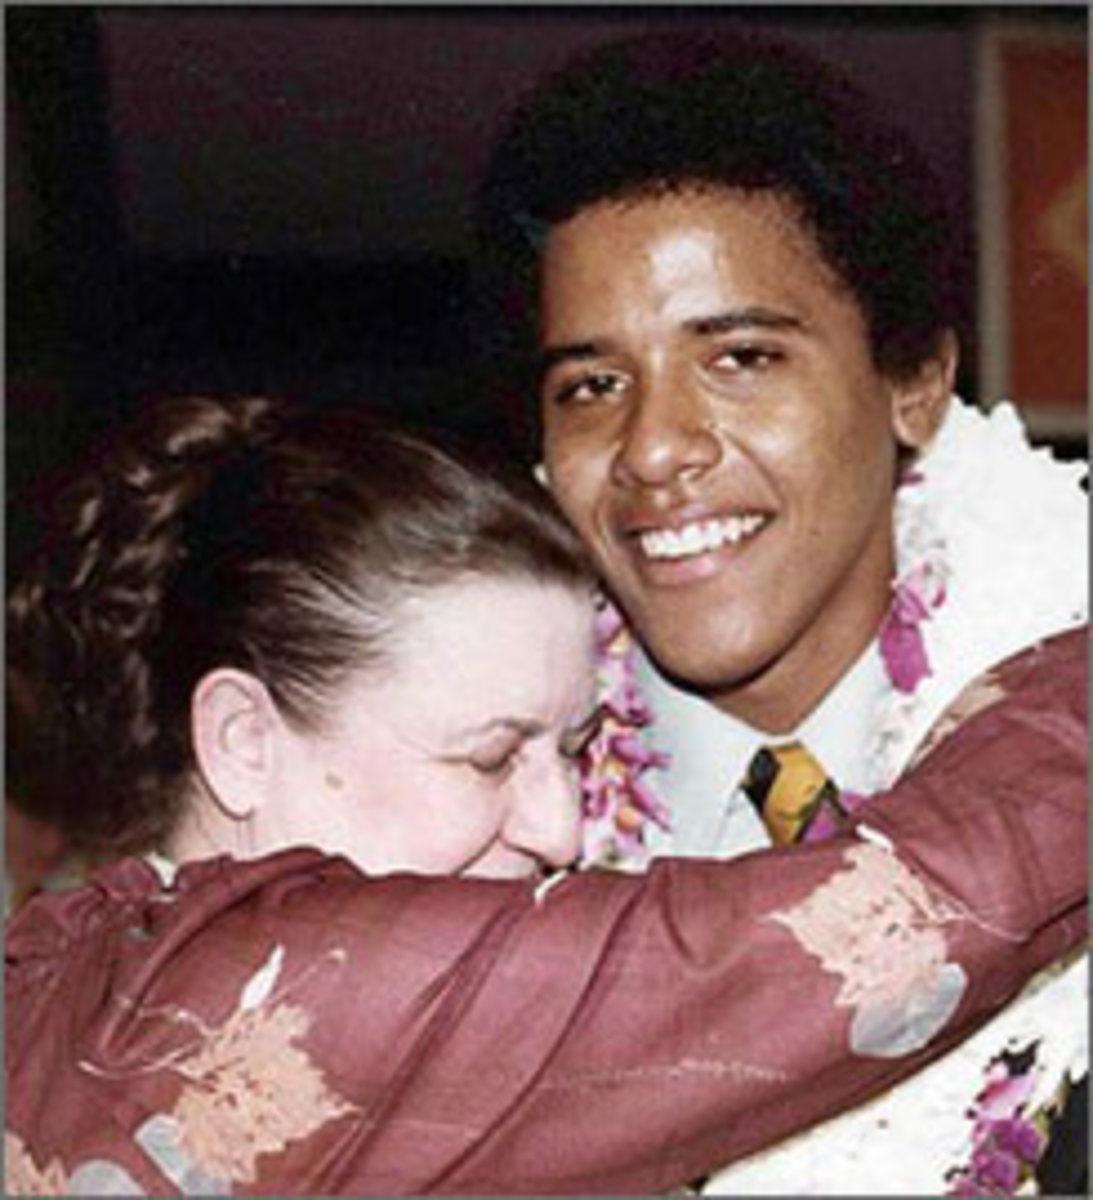 http://images.usatoday.com/news/_photos/2008/04/07/obamagrandma2x.jpg